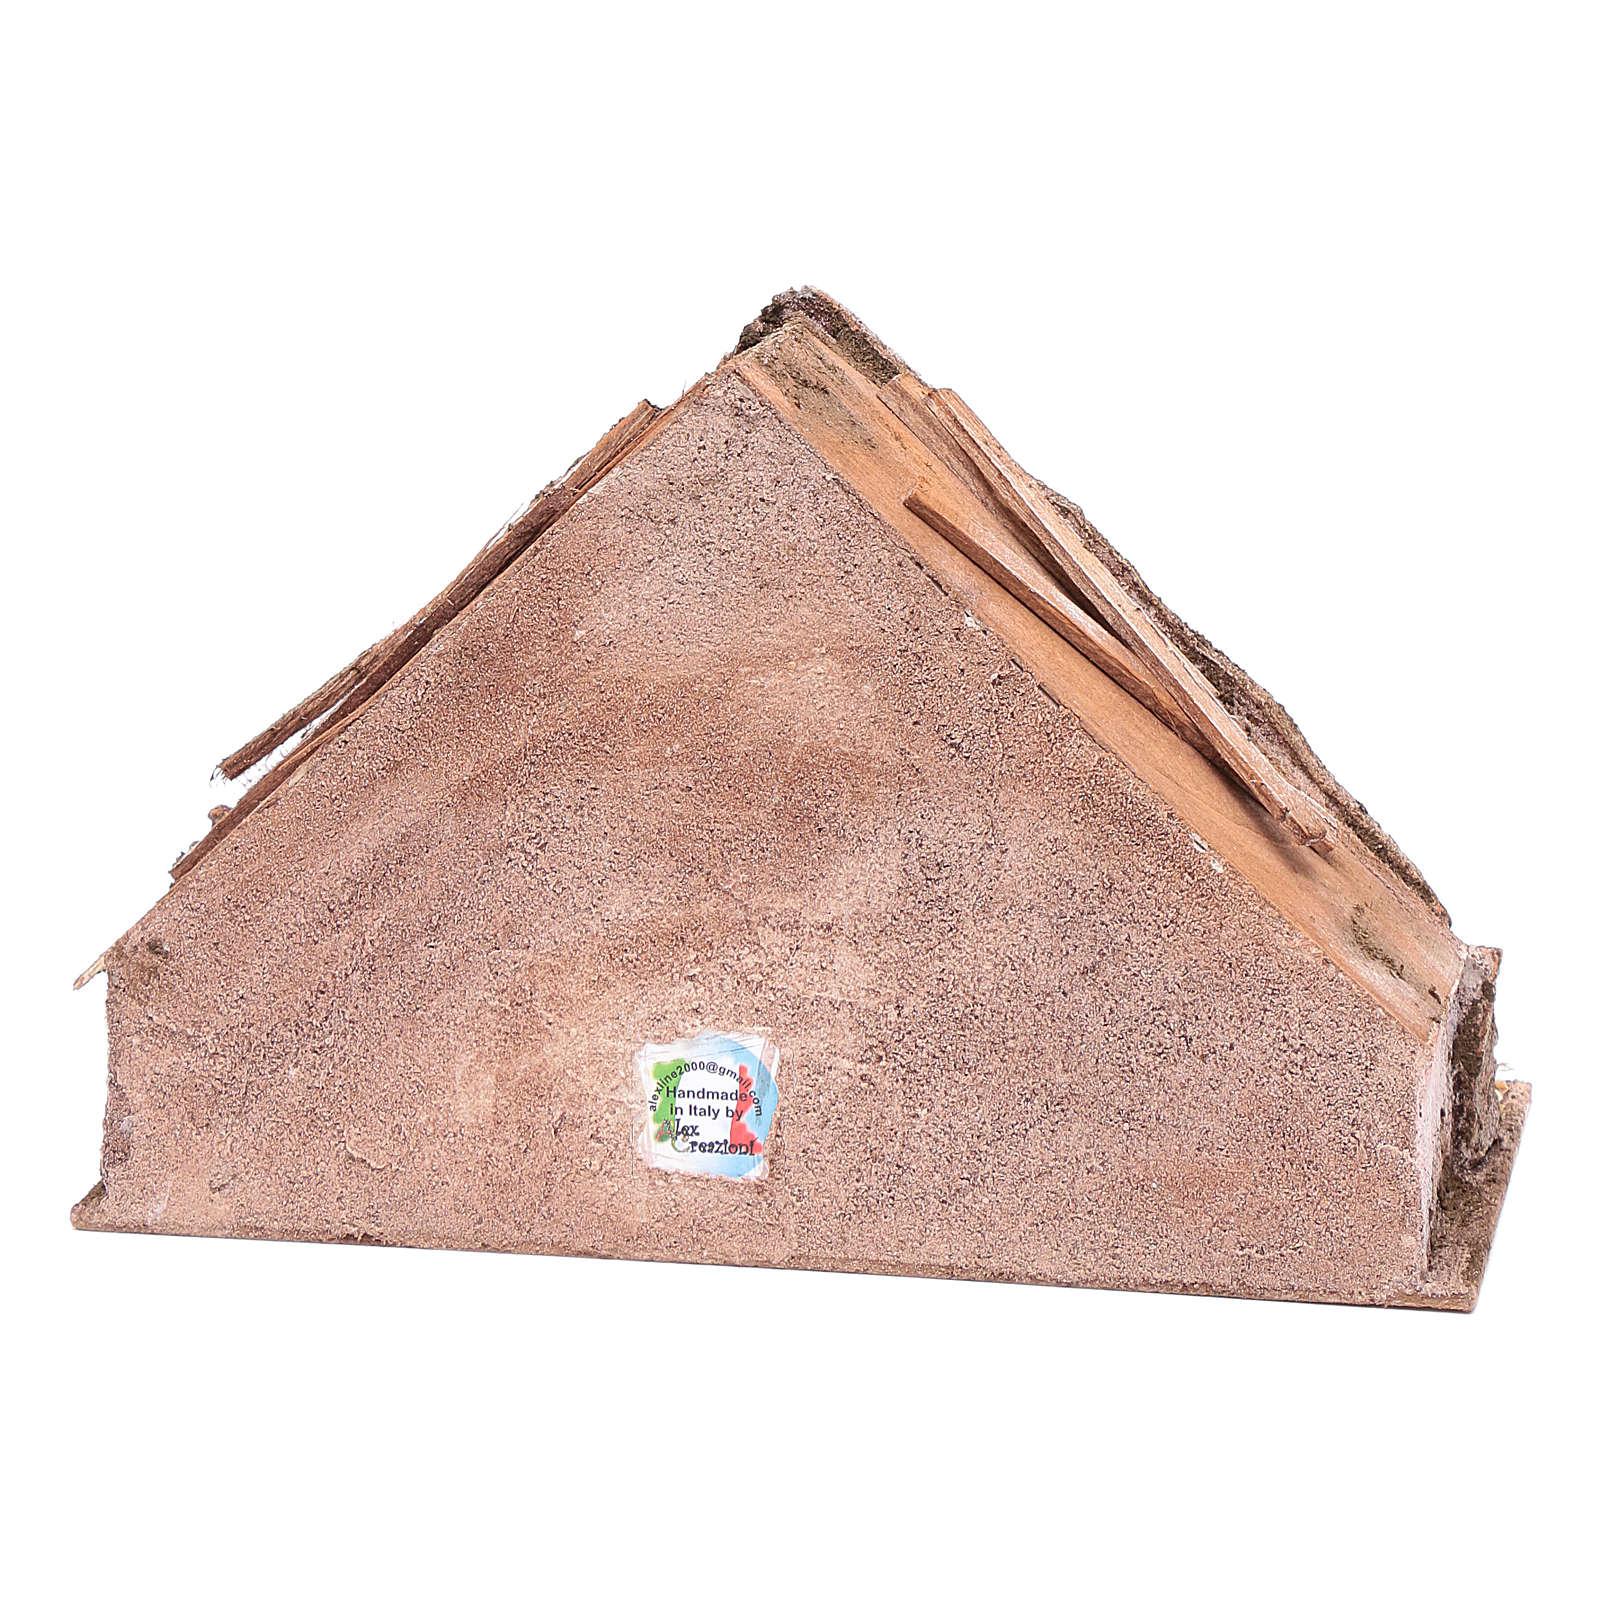 Capanna con mangiatoia in mezzo 20x30x15 cm 4